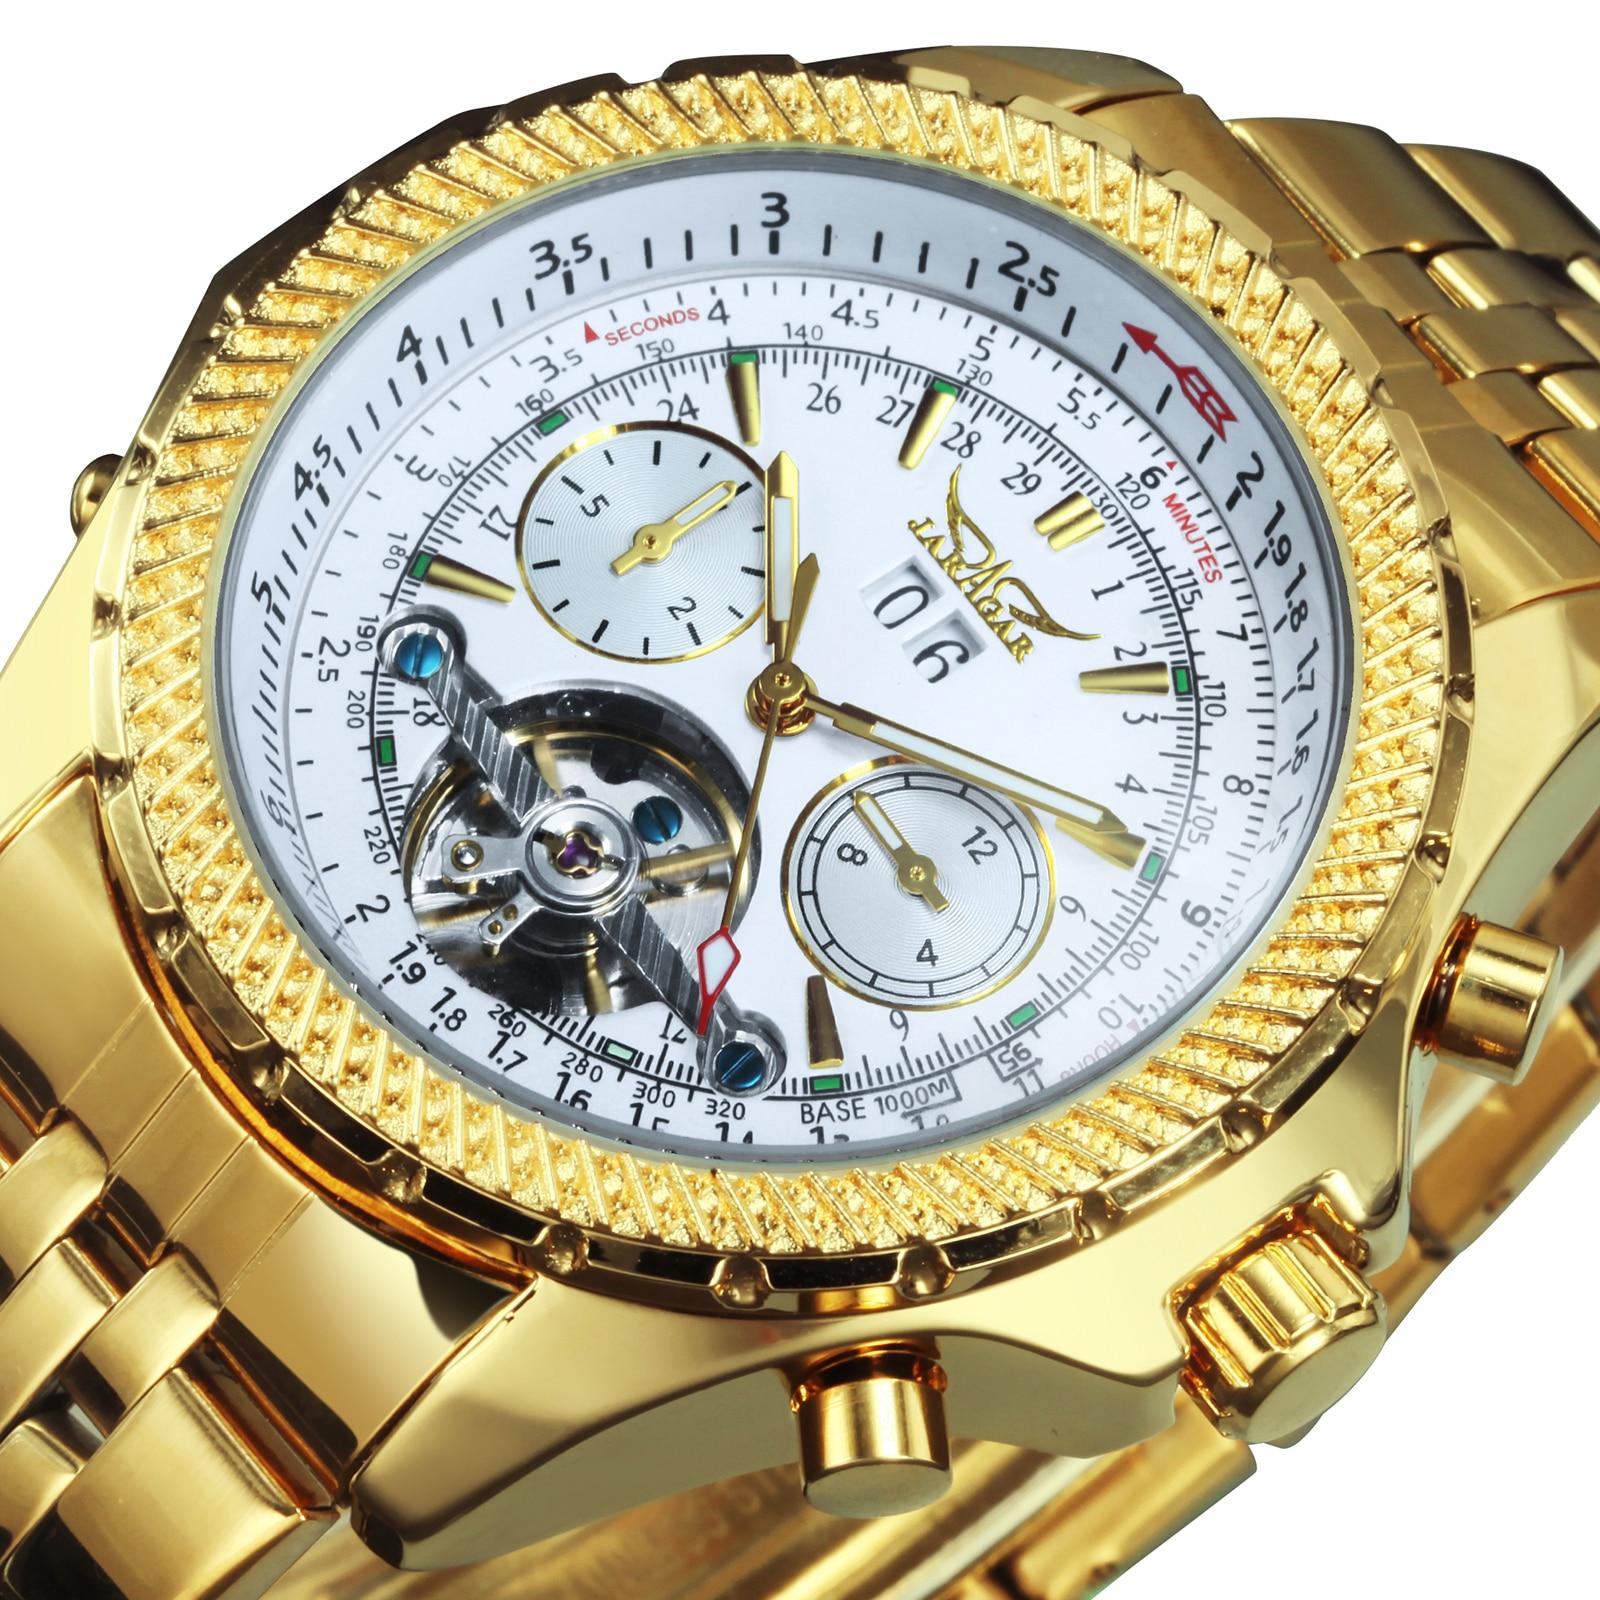 Золотые часы Для мужчин часы 2020 Роскошные лучший бренд Tourbillon автоматические механические часы календарь Большой Сталь ремешок часы мужски...